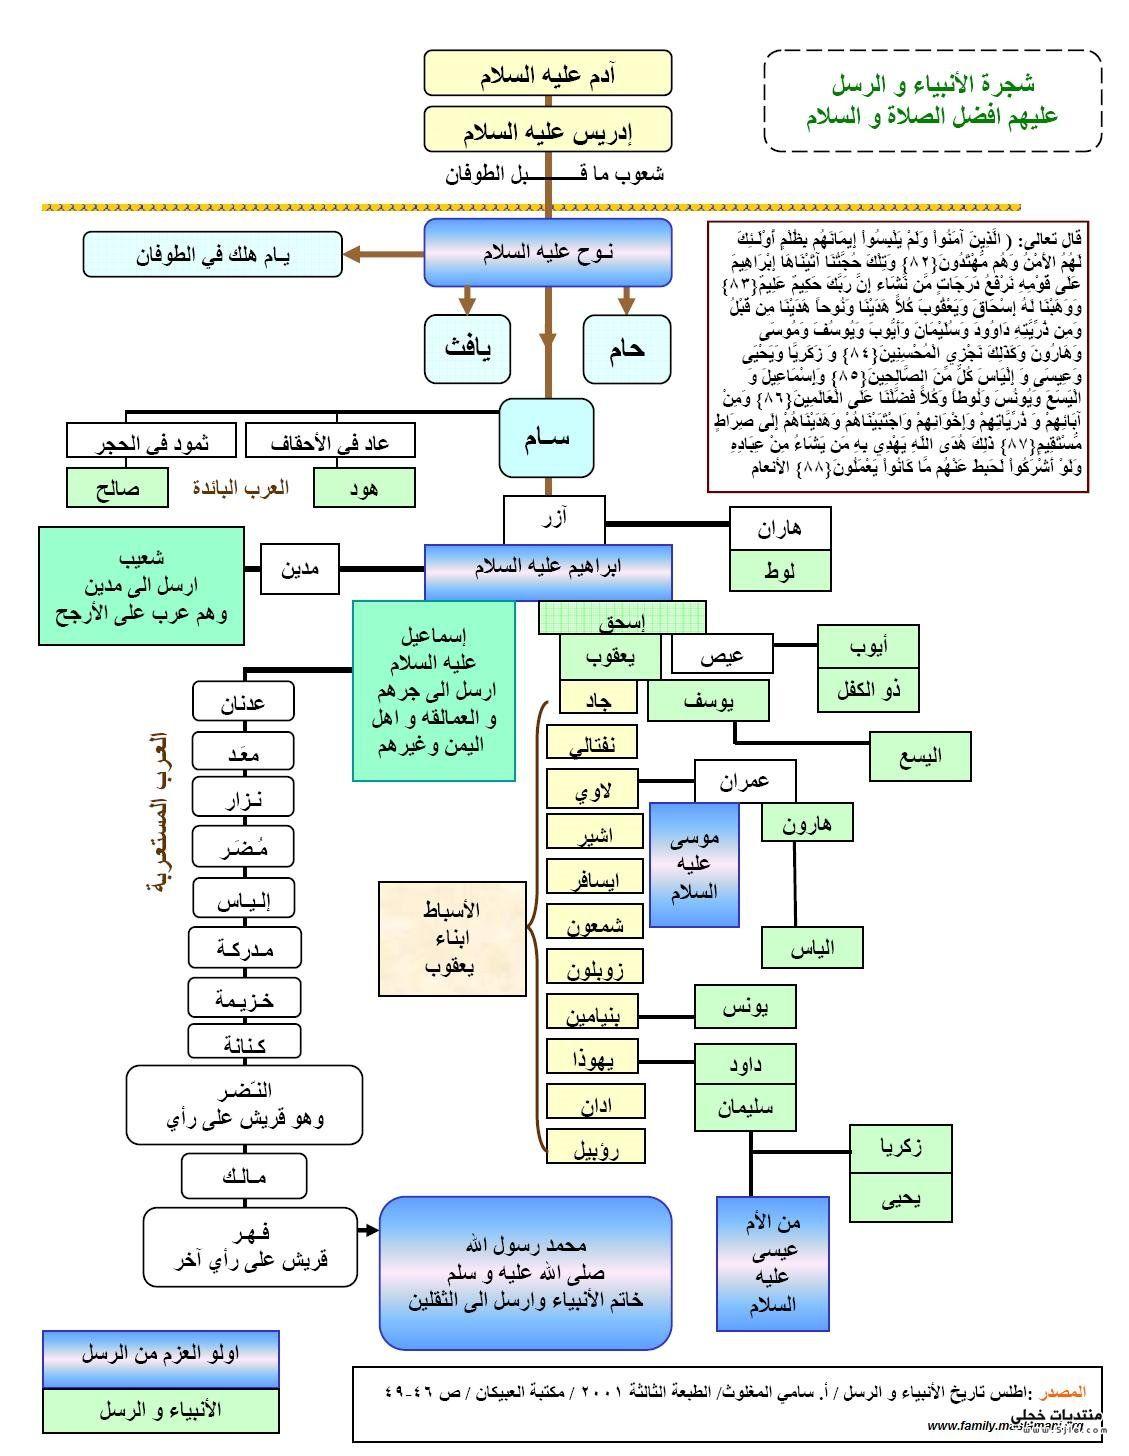 شجرة الانبياء عليهم السلام